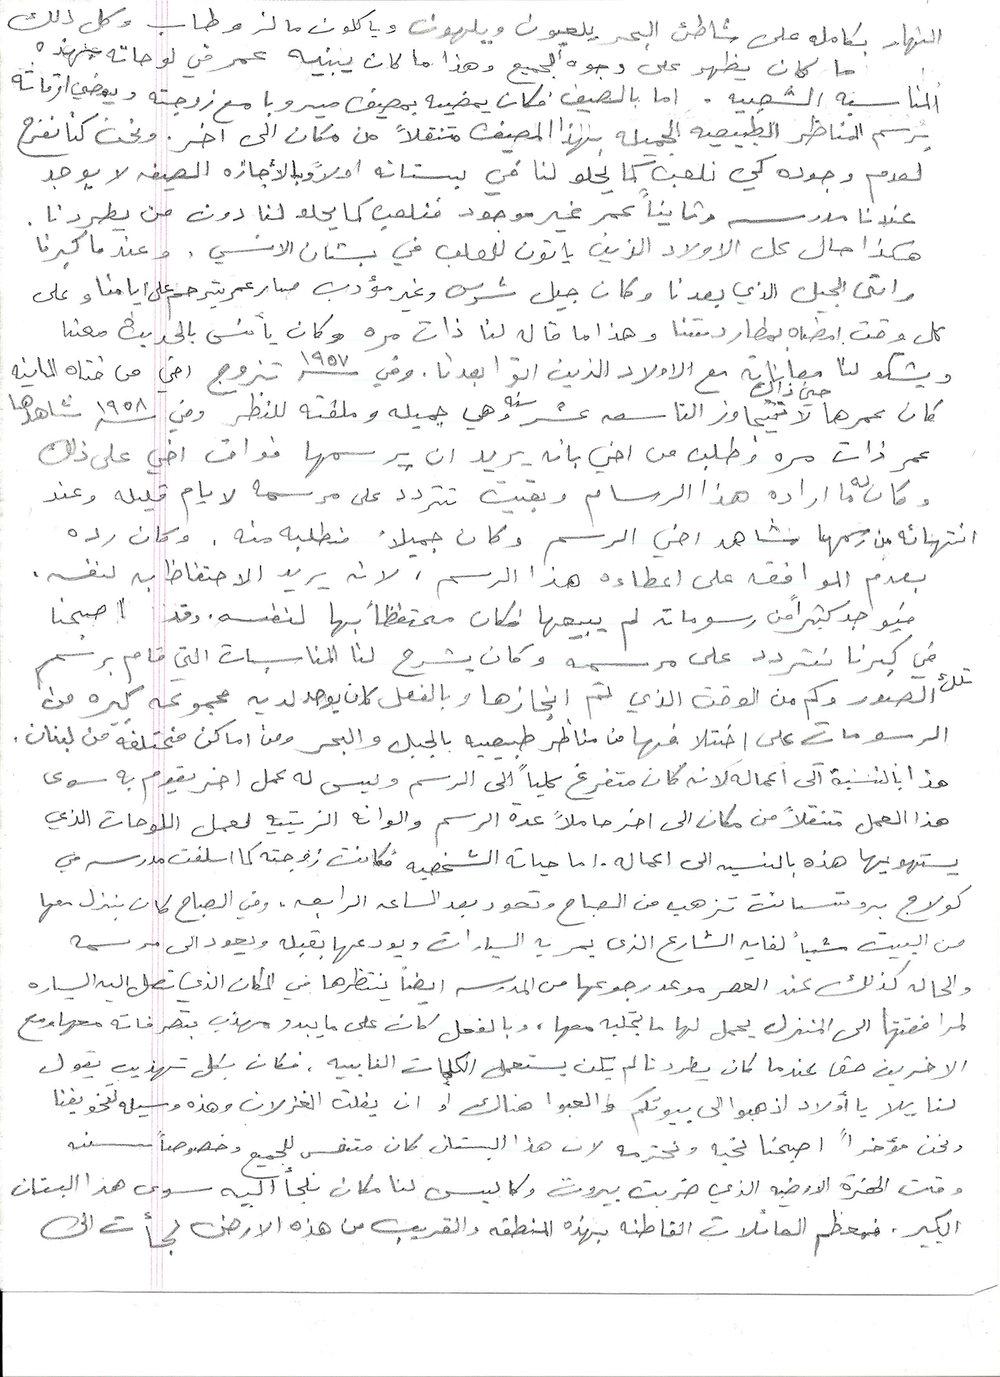 Omar_al_Onsi-2_R.jpg